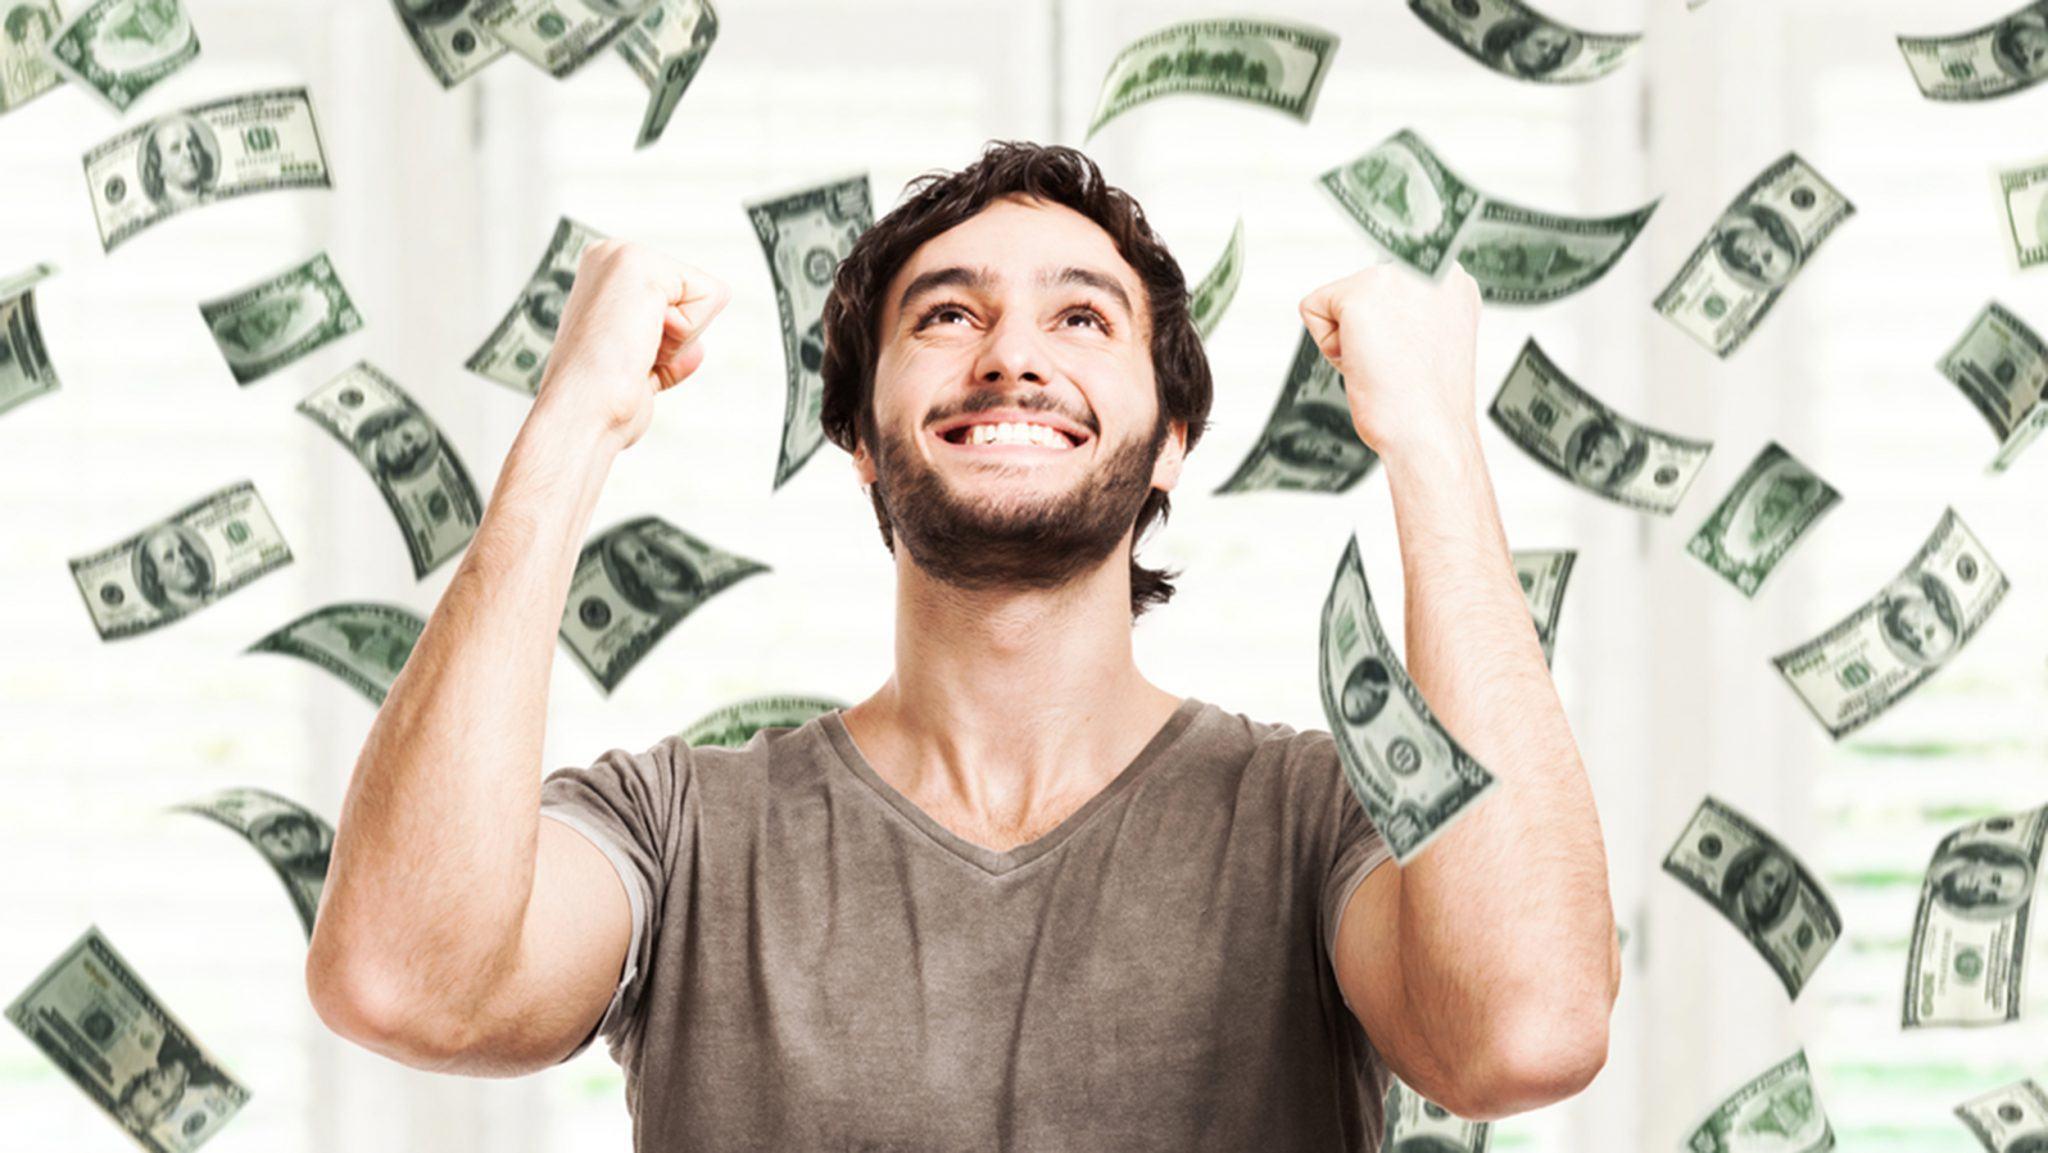 money - 4 NGUYÊN TẮC ĐỂ TĂNG TỐC DOANH THU TRONG KINH DOANH BÁN HÀNG